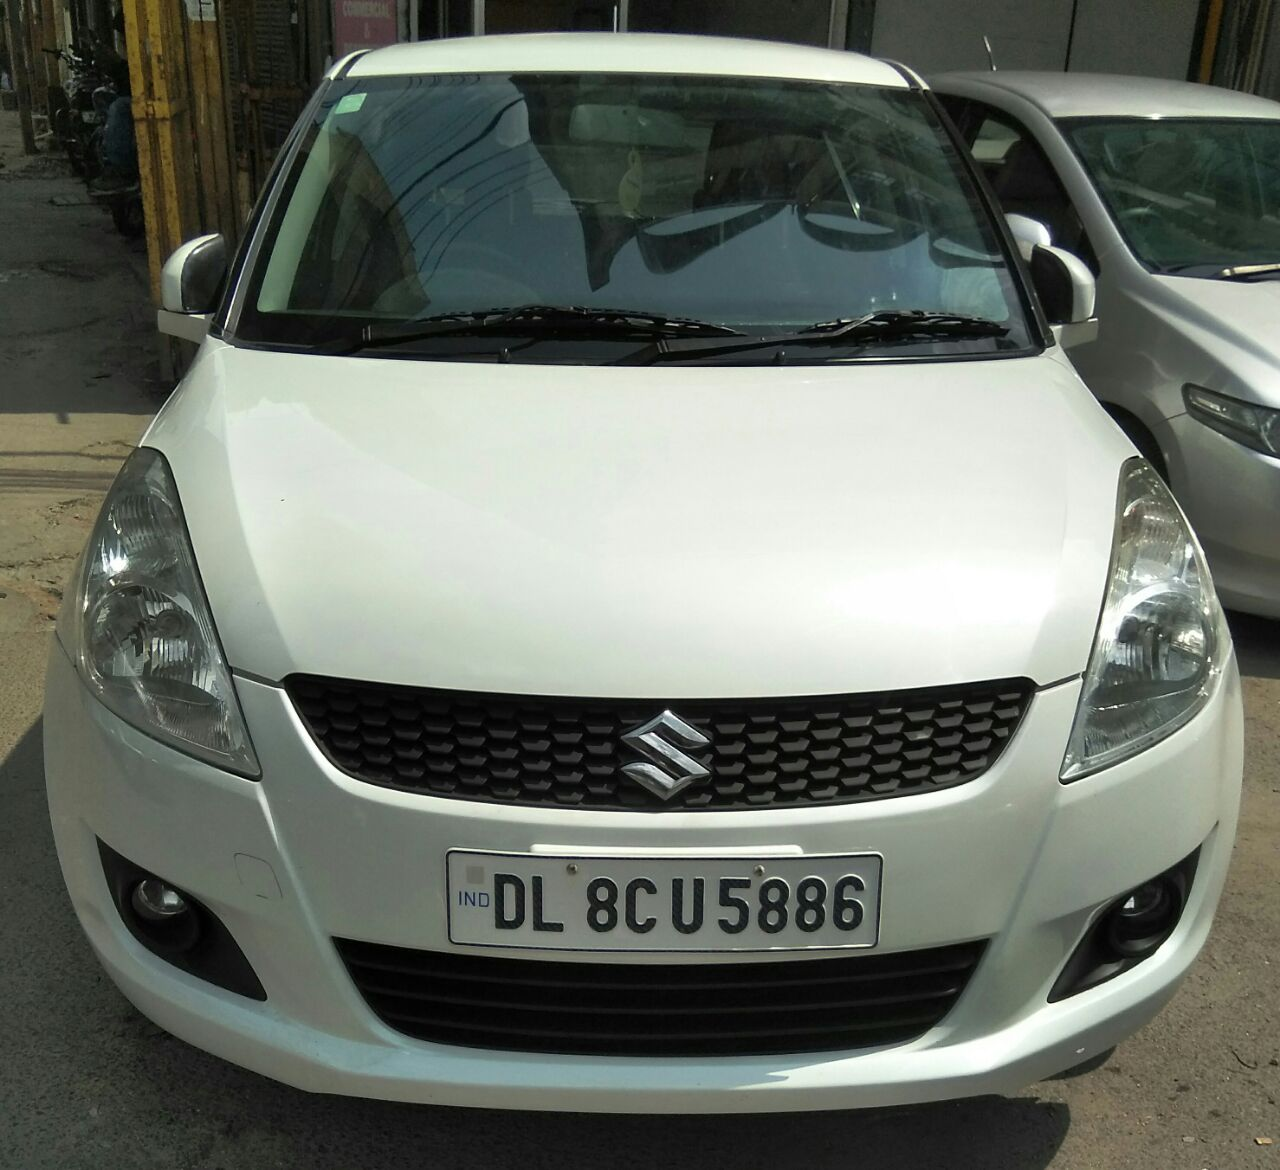 Secondhand Swift-Zxi car in Dwarka and Uttam Nagar